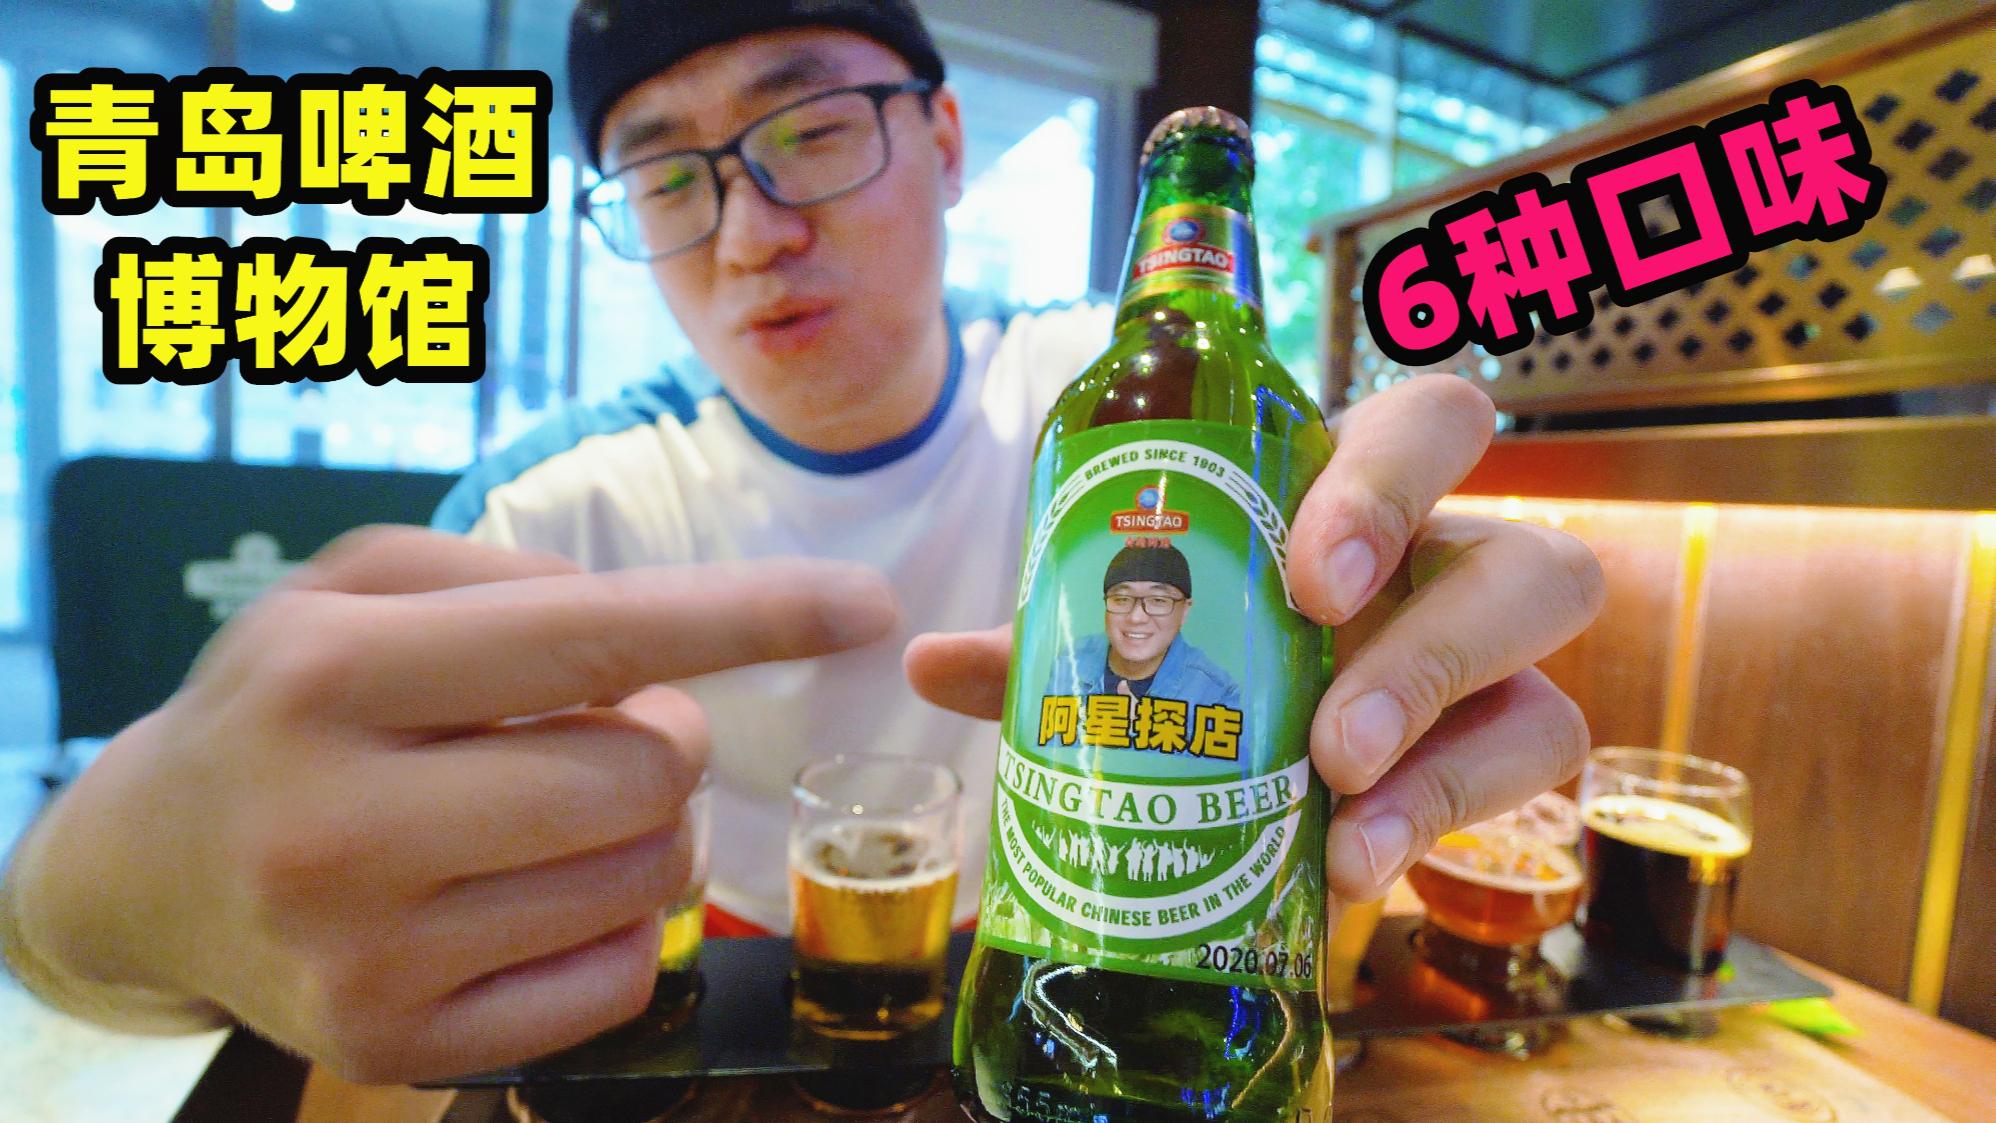 青岛啤酒博物馆,阿星喝6种口味,晕倒醉酒小屋,领略百年酒文化